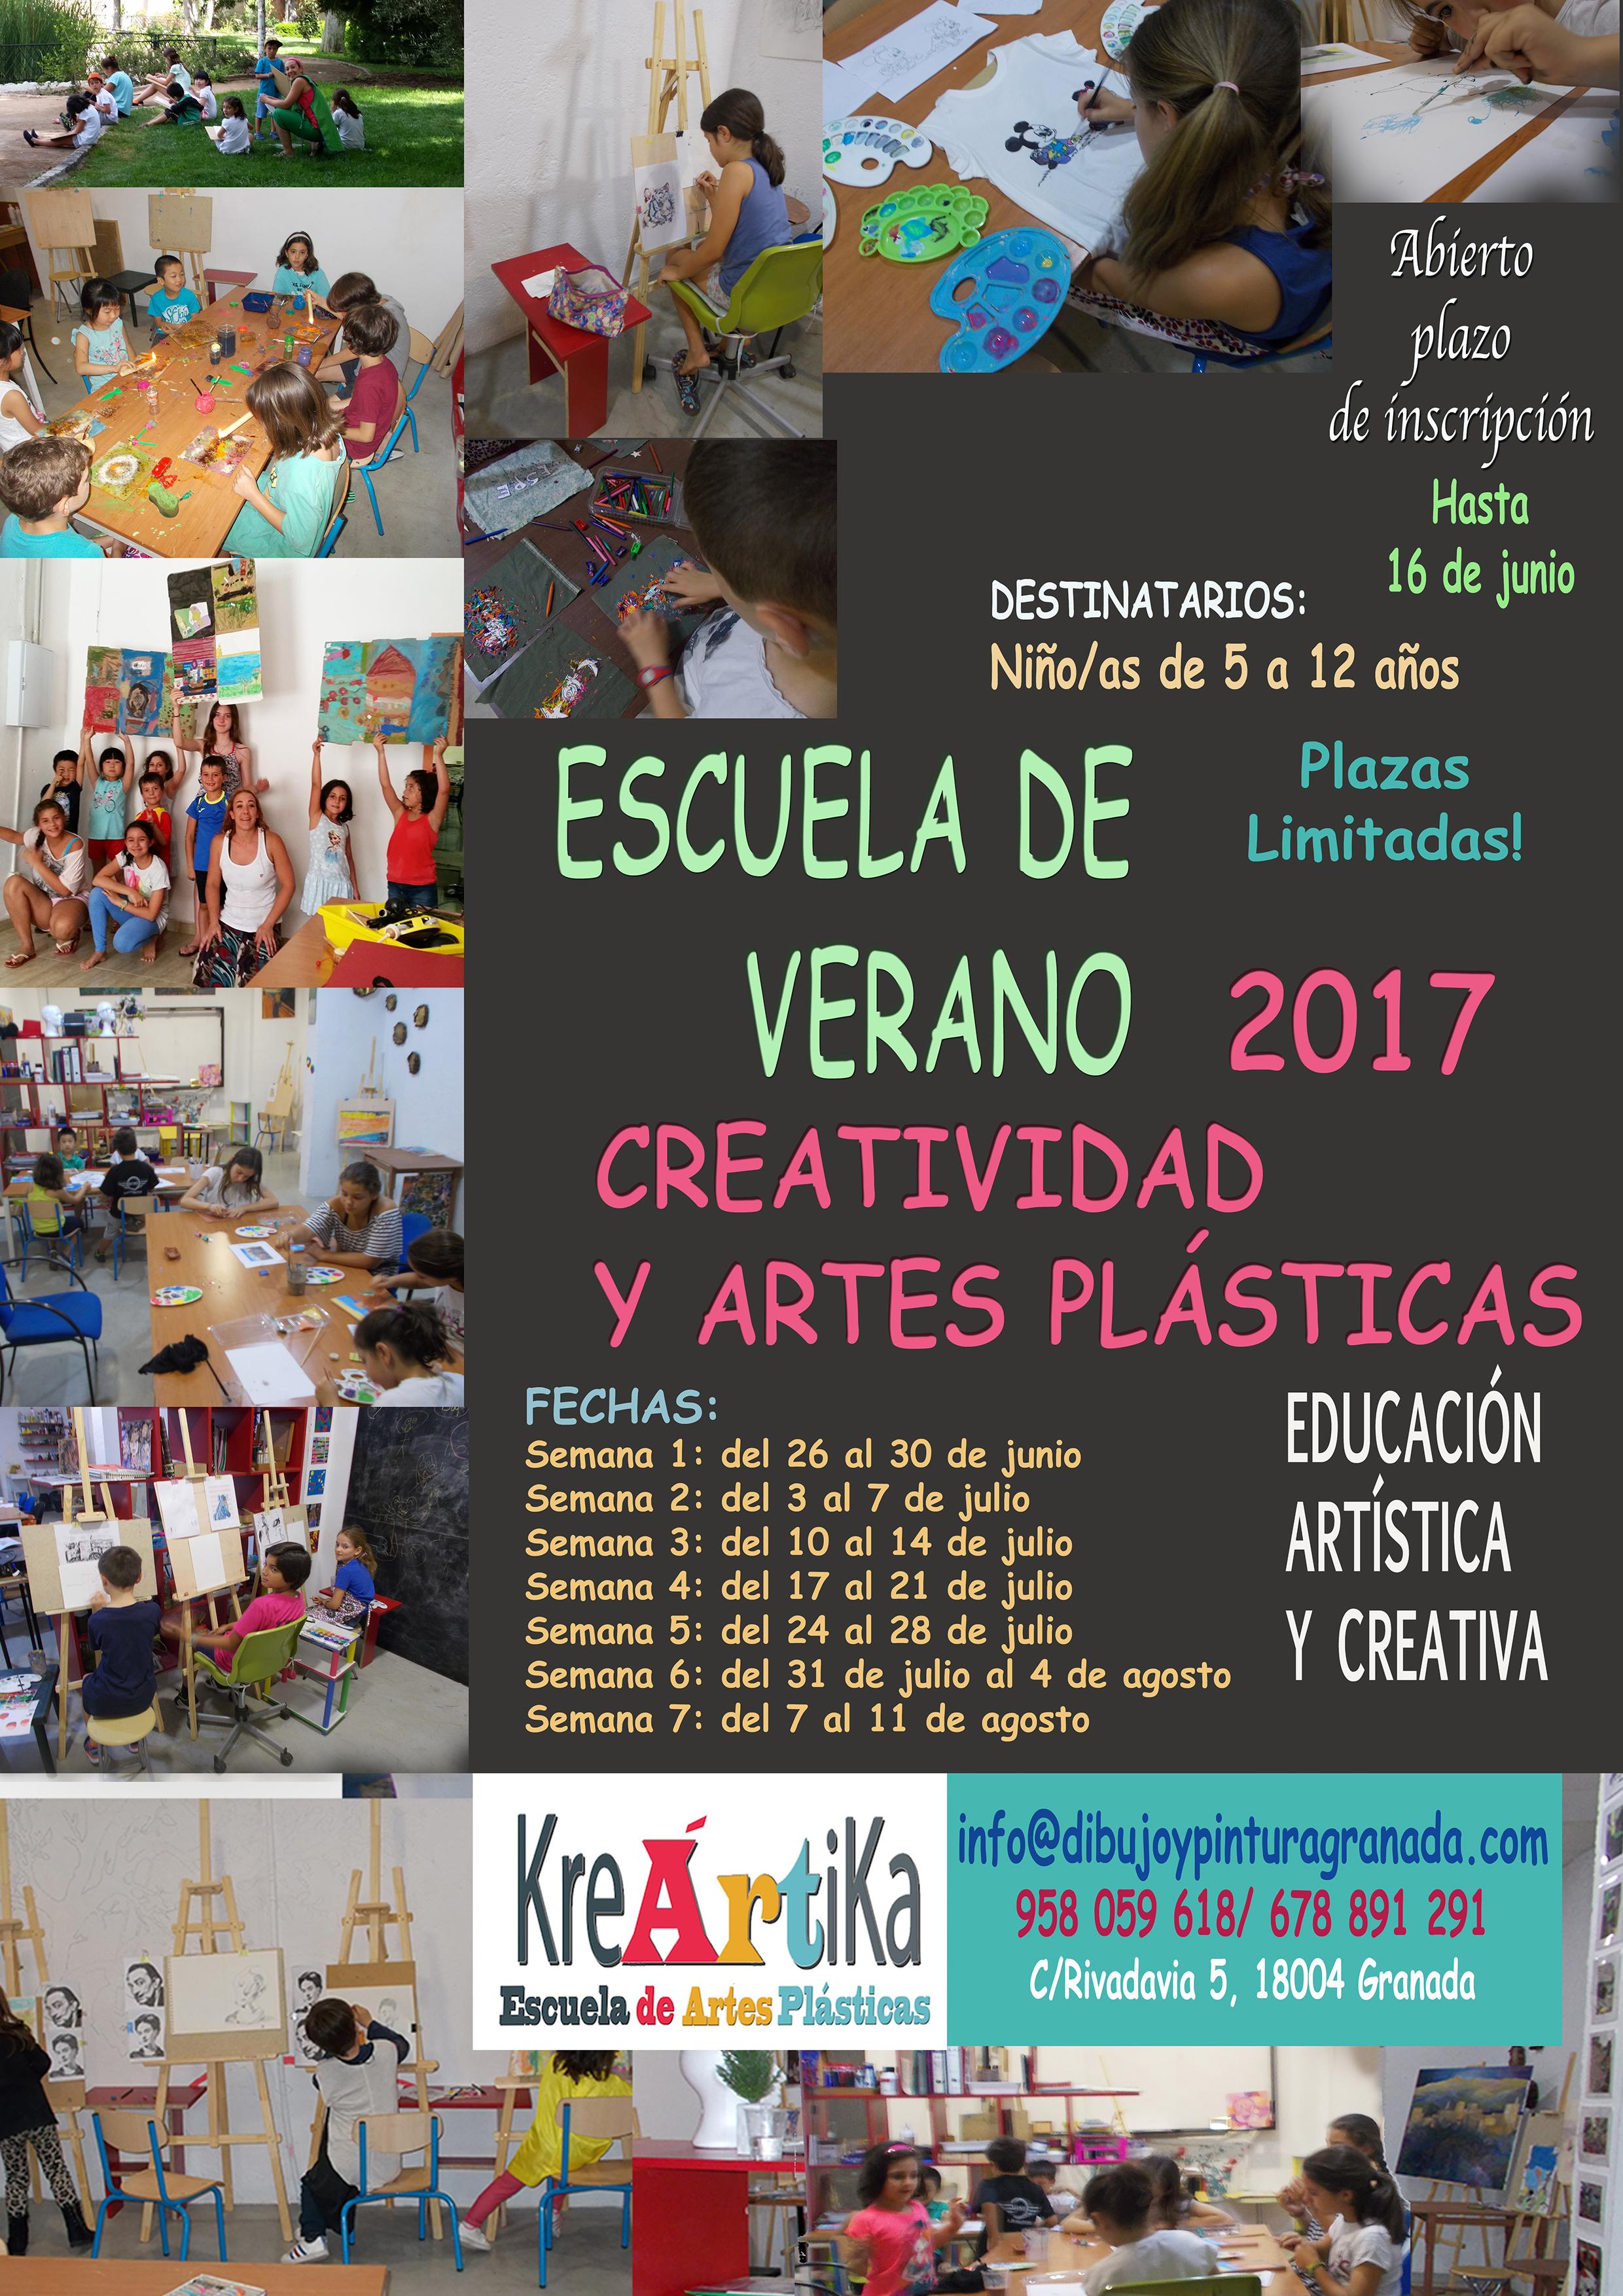 """Escuela de verano """"Creatividad y artes plásticas"""" en Kreártika. 2017 ..."""